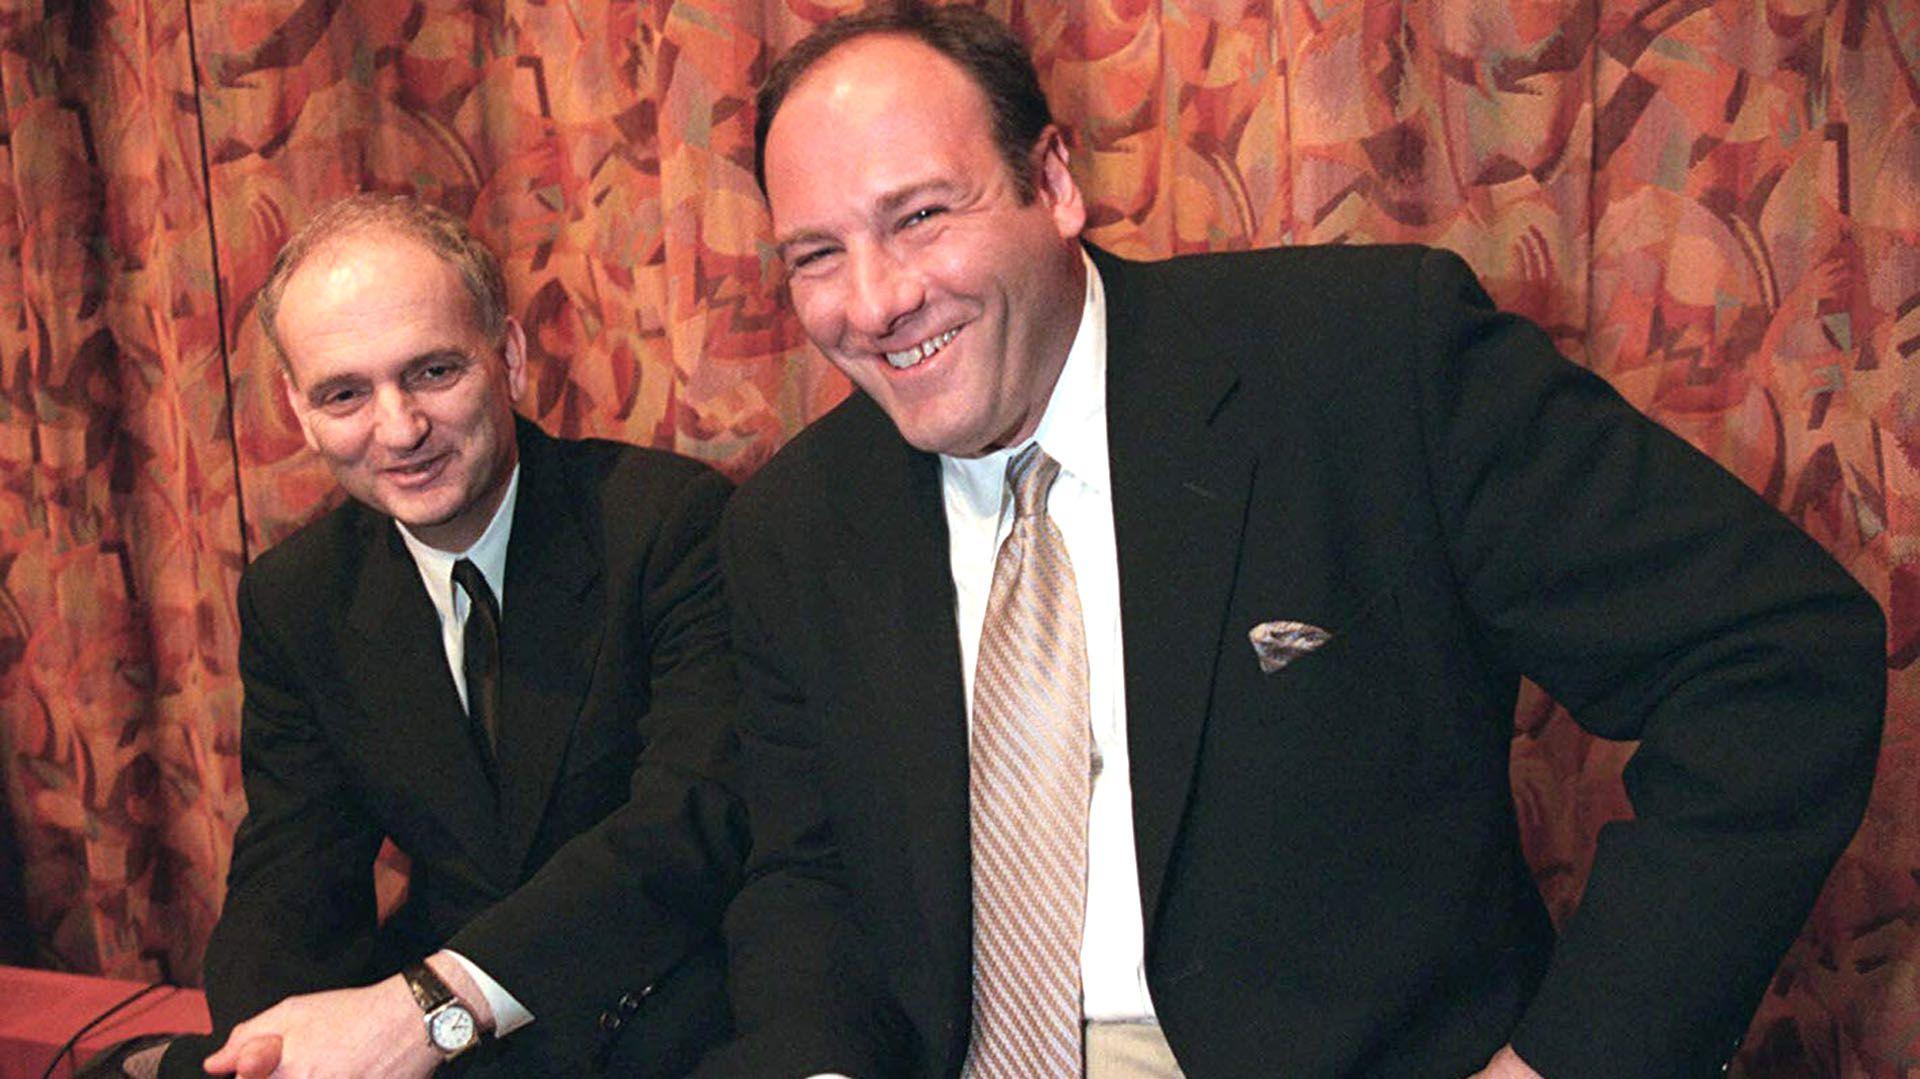 Pese a su actuación multipremiada, Gandolfini decía que todo era mérito del guión escrito por David Chase